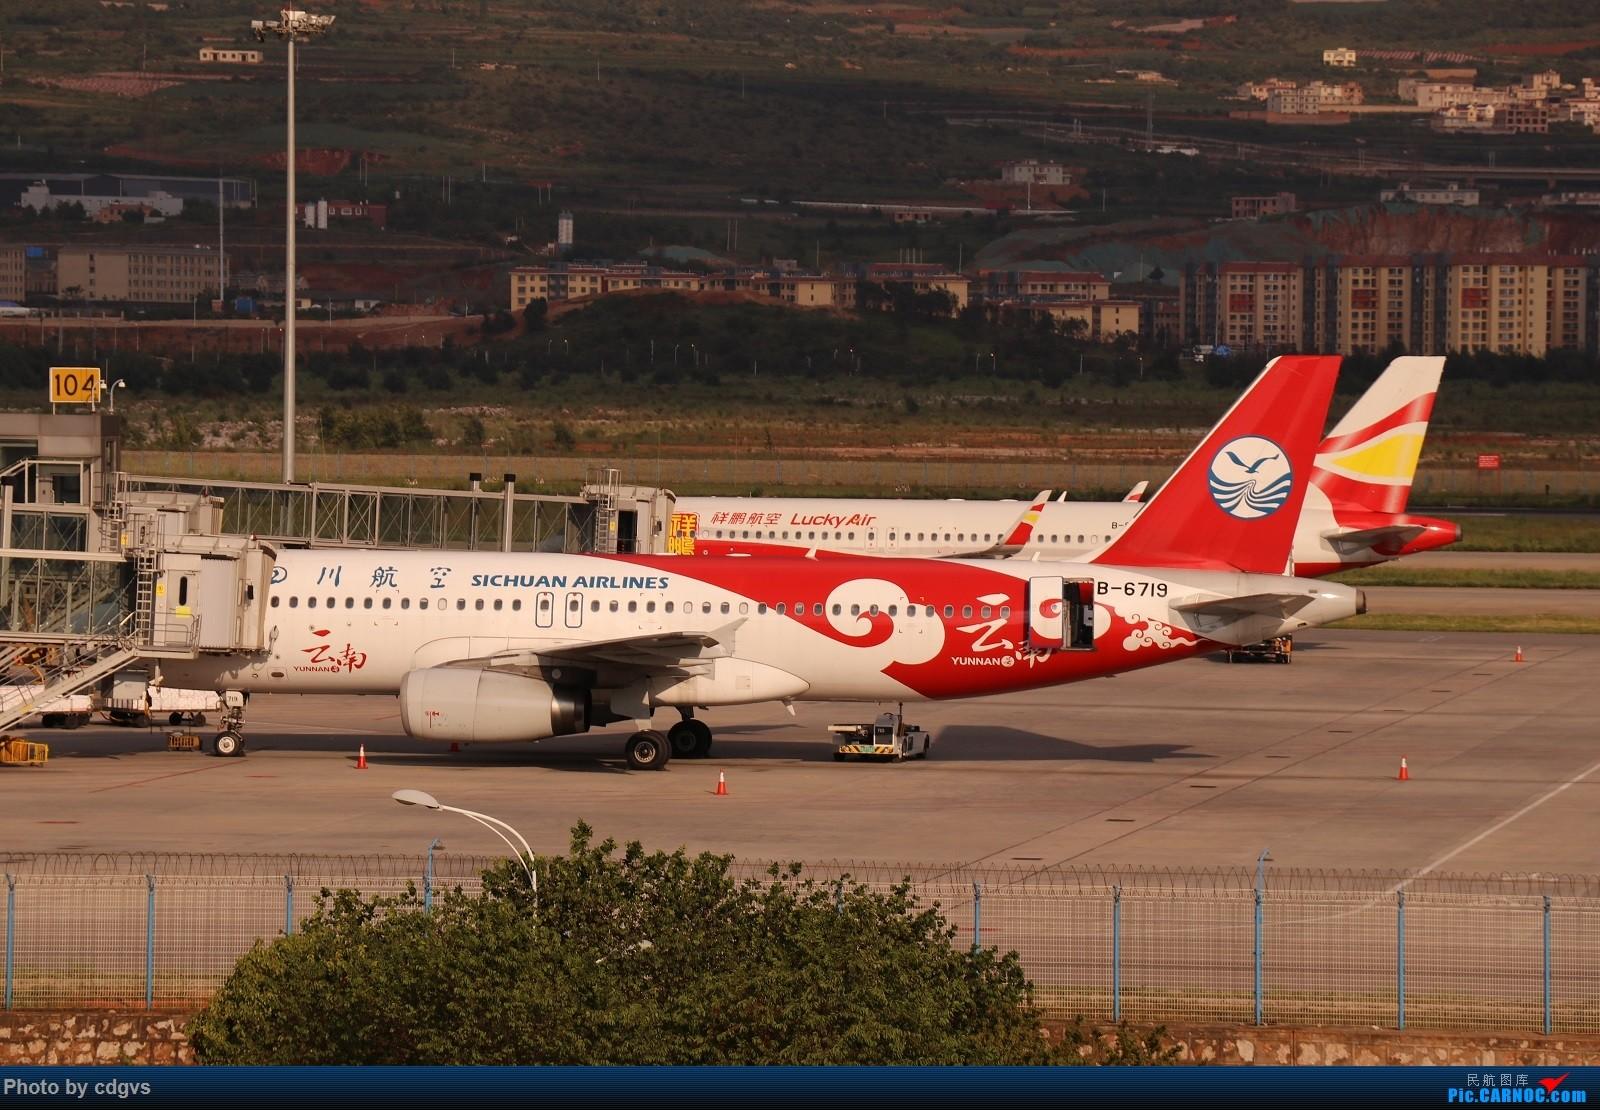 Re:[原创]【KMG】昆明的一天 1600大图 一次看个爽 AIRBUS A320-200 B-6719 中国昆明长水国际机场